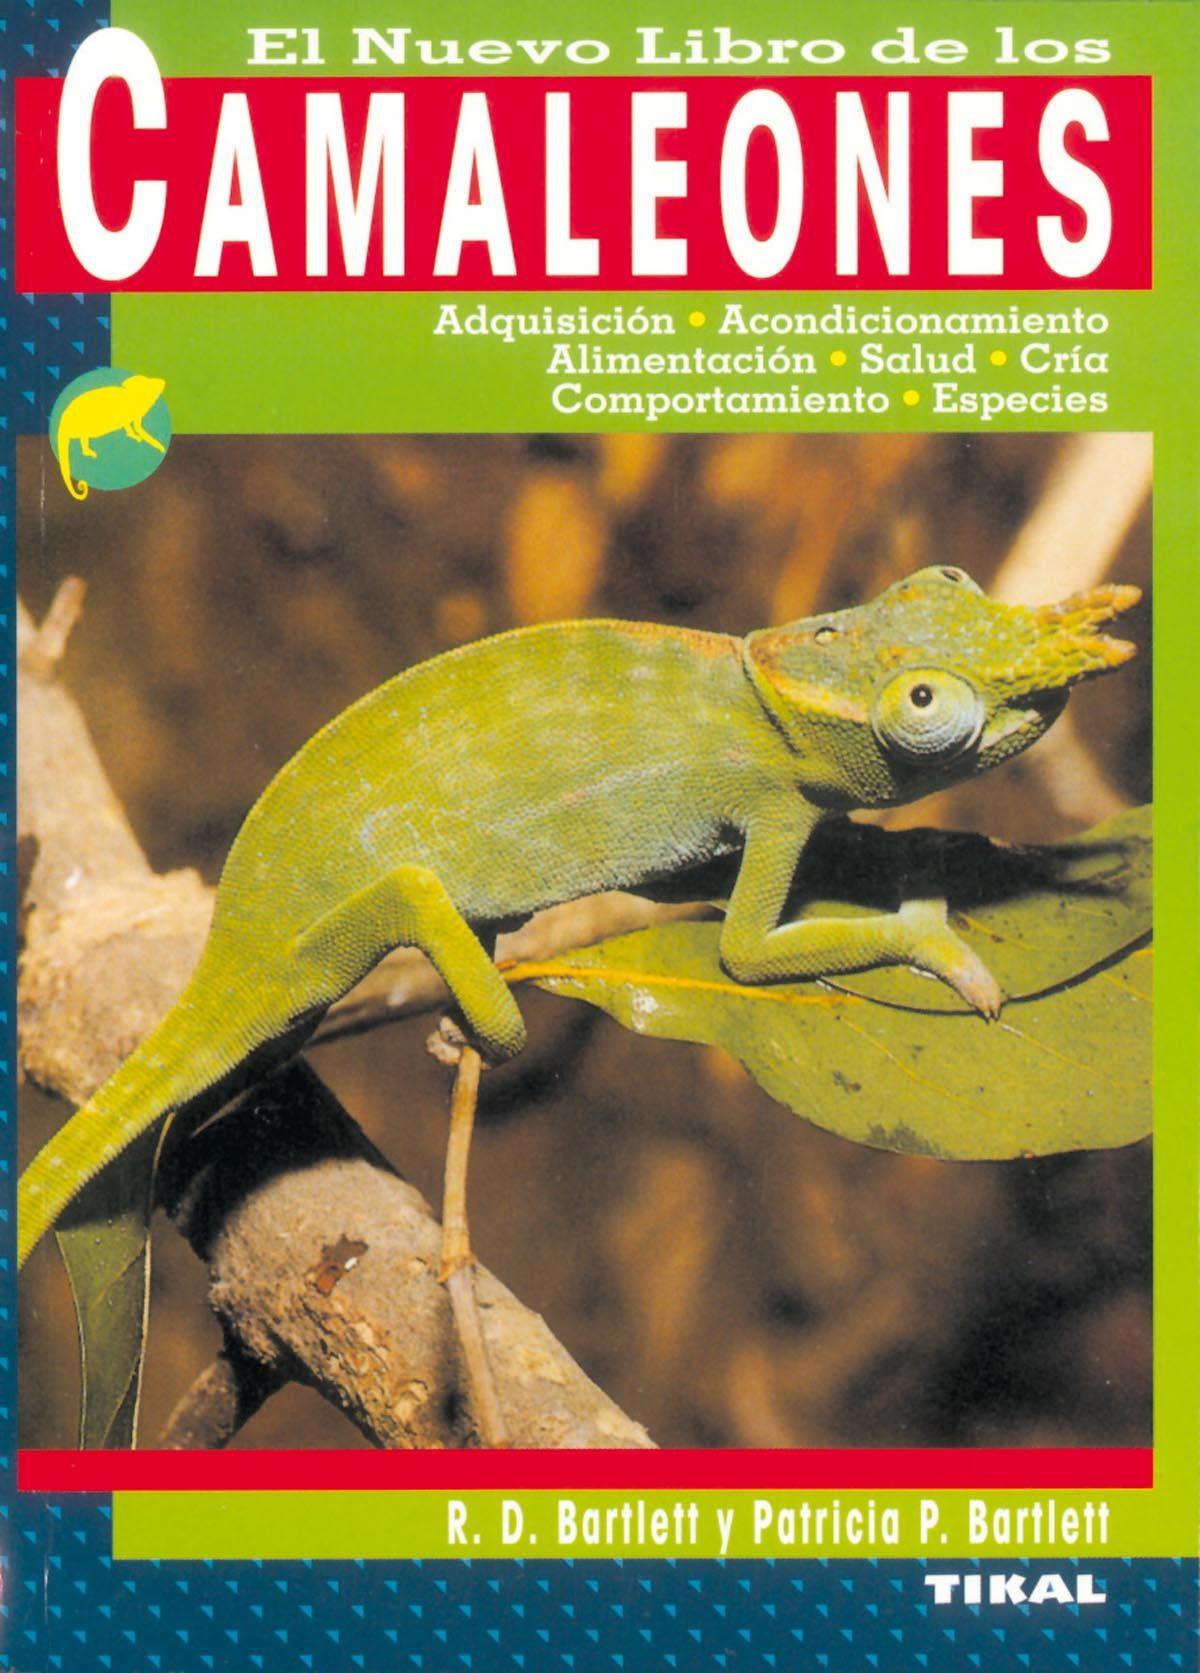 El Nuevo Libro De Los Camaleones por R.d. Bartlett;                                                                                    Patricia P. Bartlett